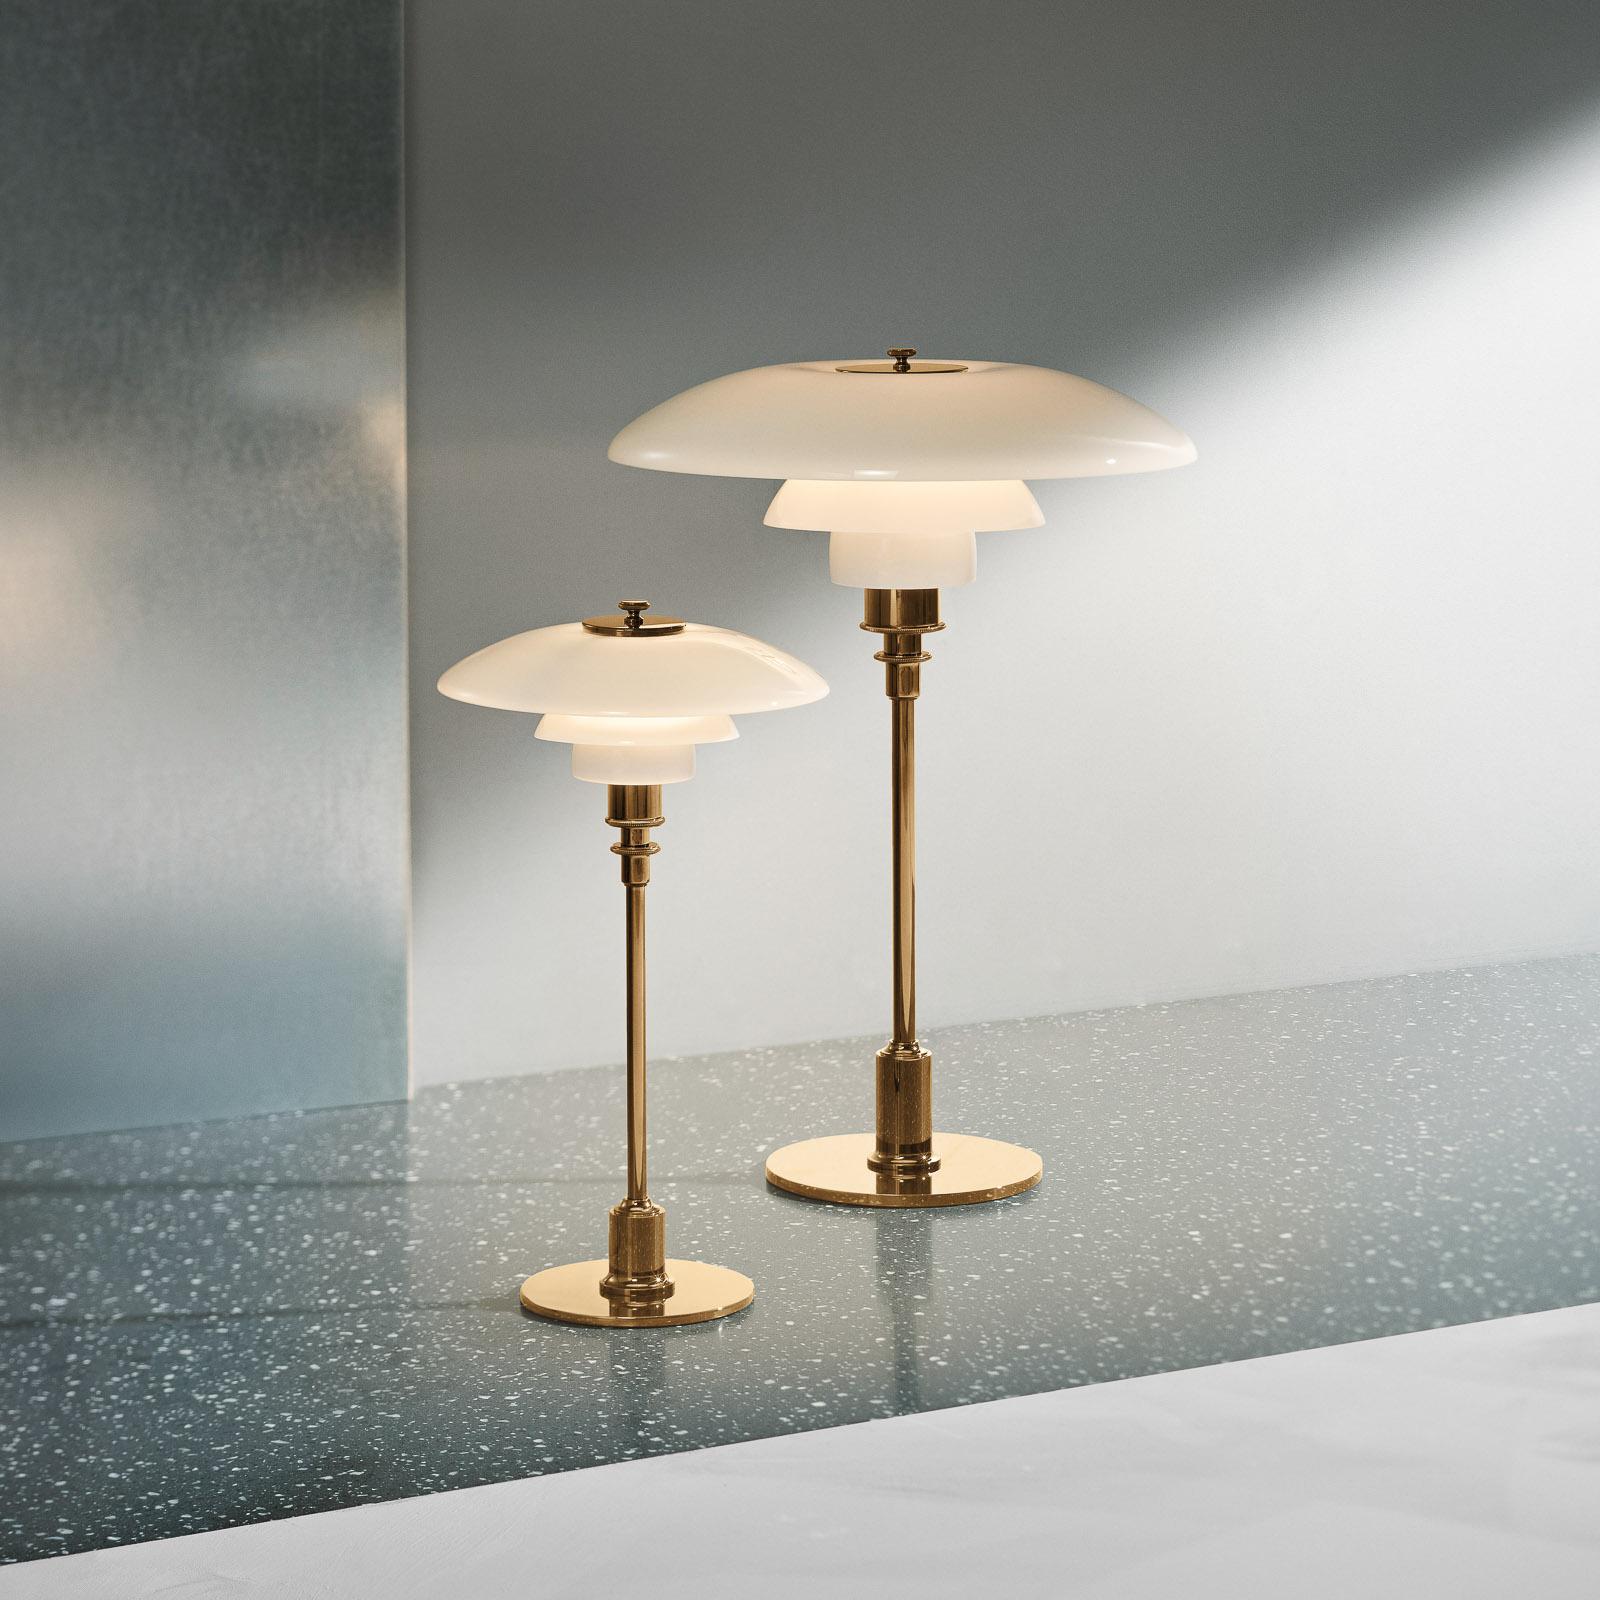 Louis Poulsen PH 2/1 tafellamp messing wit